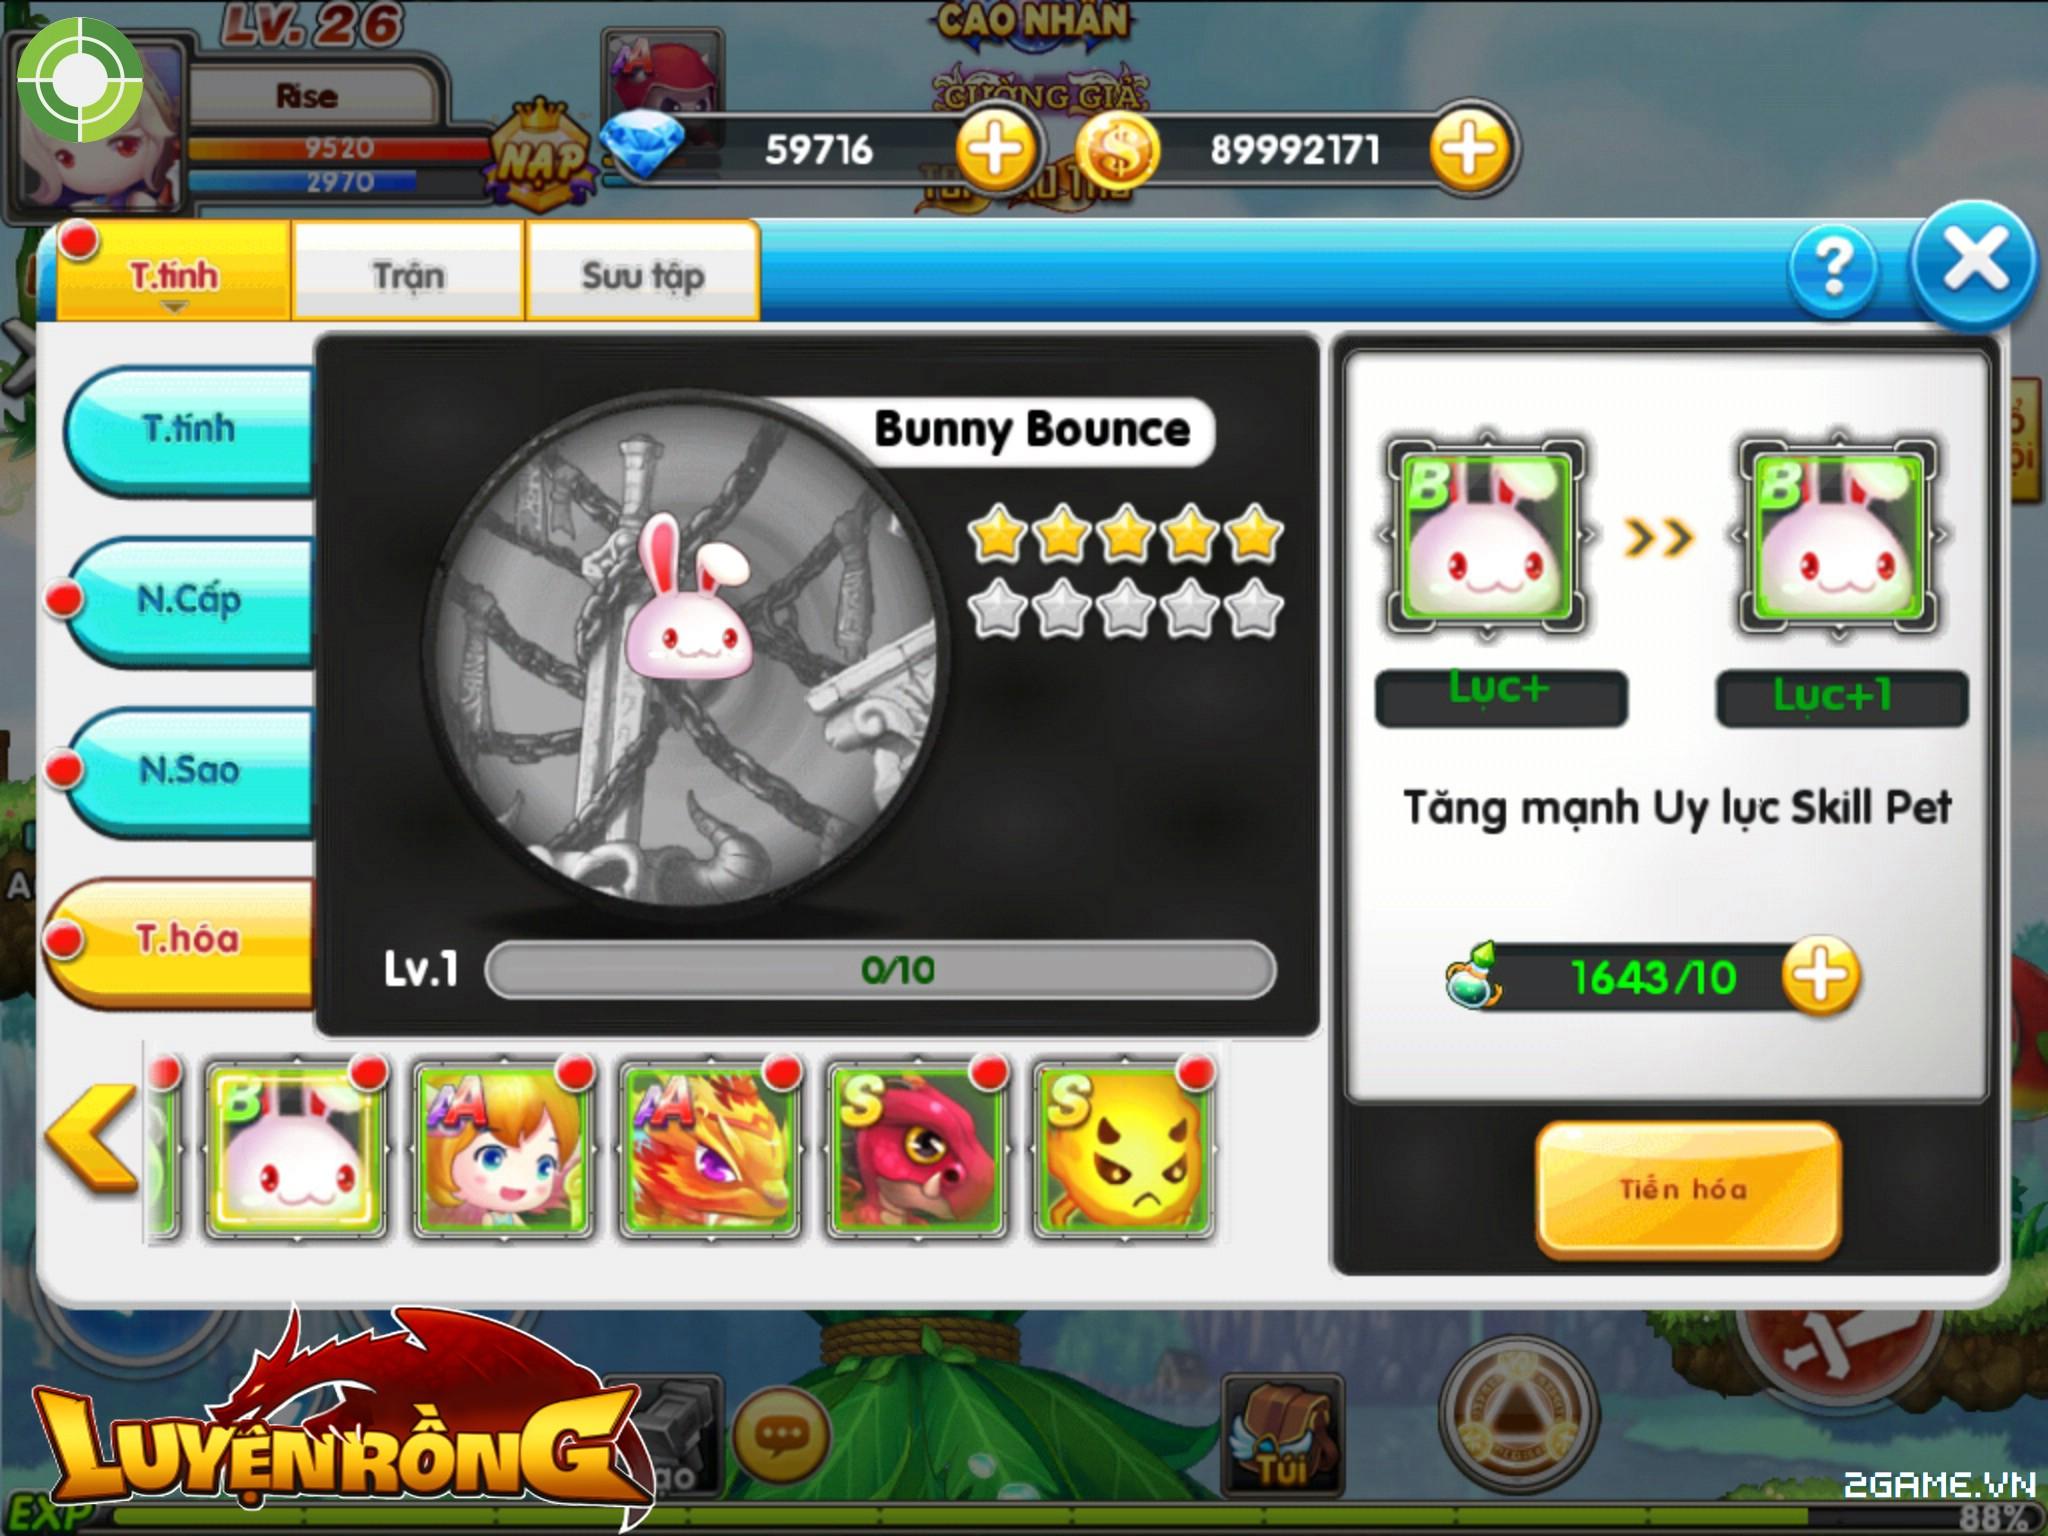 Tìm hiểu hệ thống pet trong Luyện Rồng mobile 1